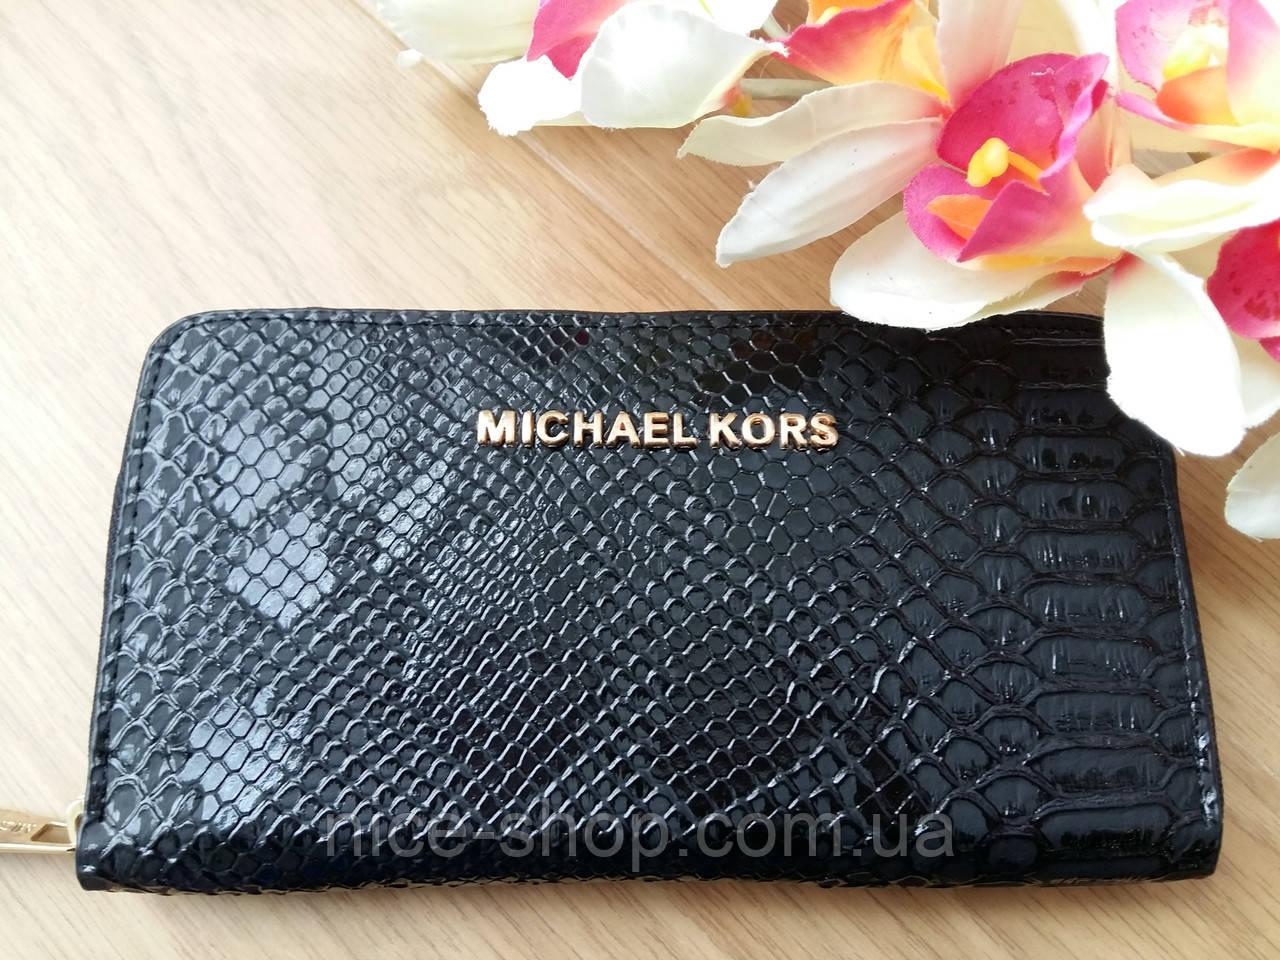 Кошелек Michael Kors эко-кожа под питона,черный на молнии